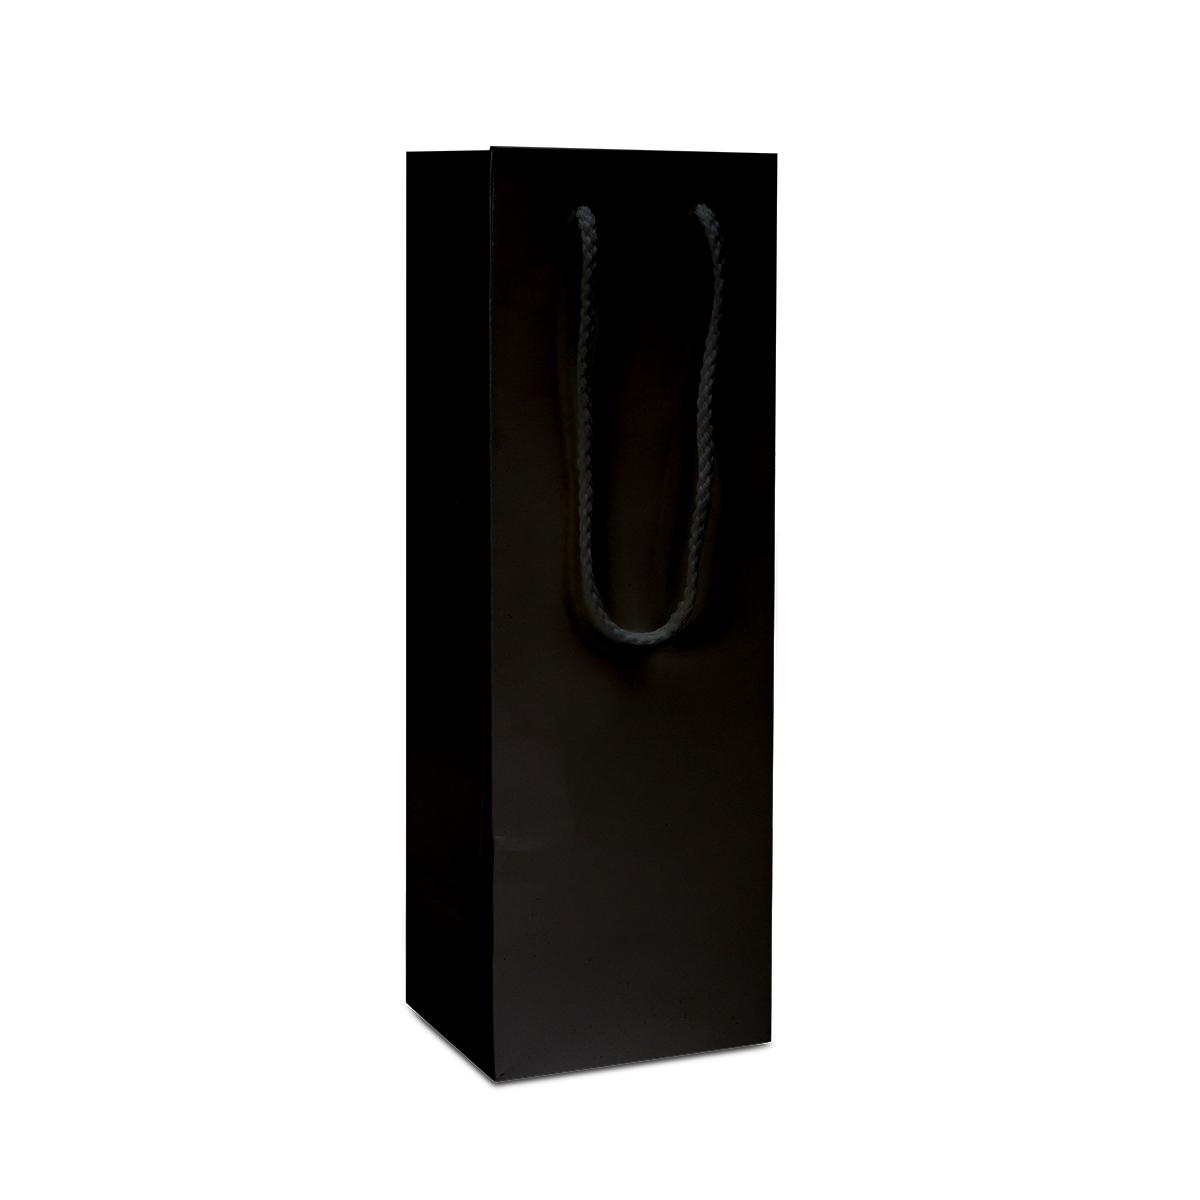 Luxe papieren wijnflestassen - Glanzend